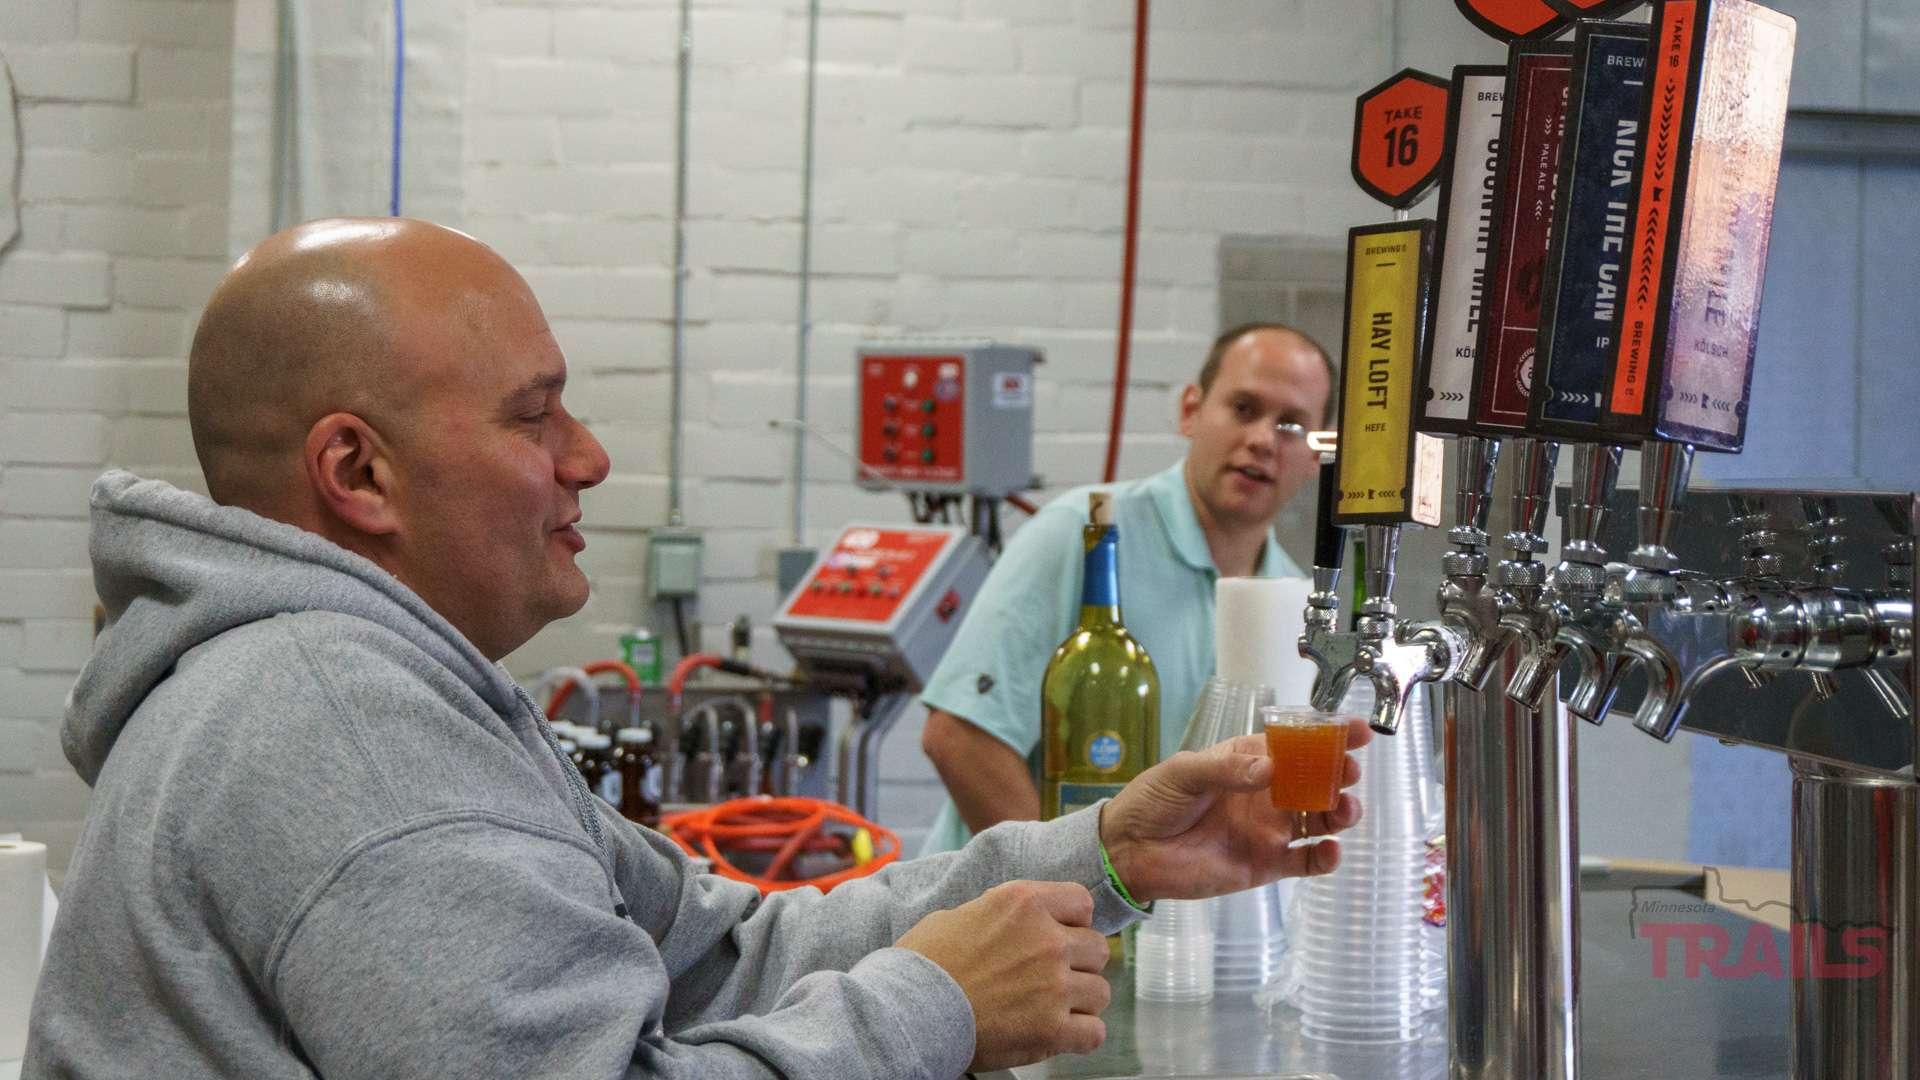 Beer taps at Take 16 Brewing Co